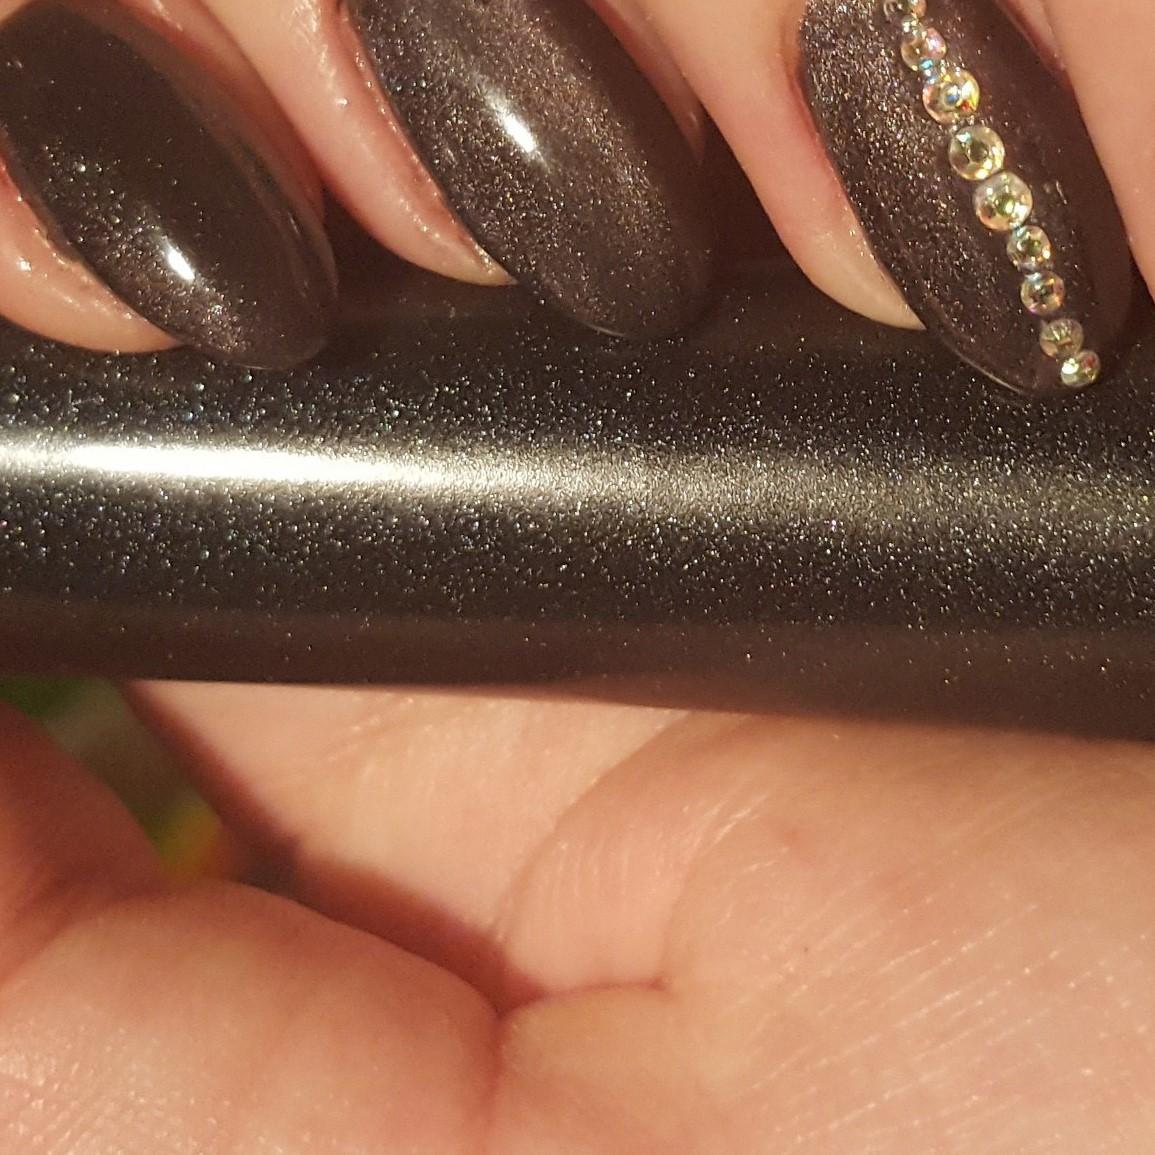 pędzle nanshy brushes onyx black indigo nails paznokcie